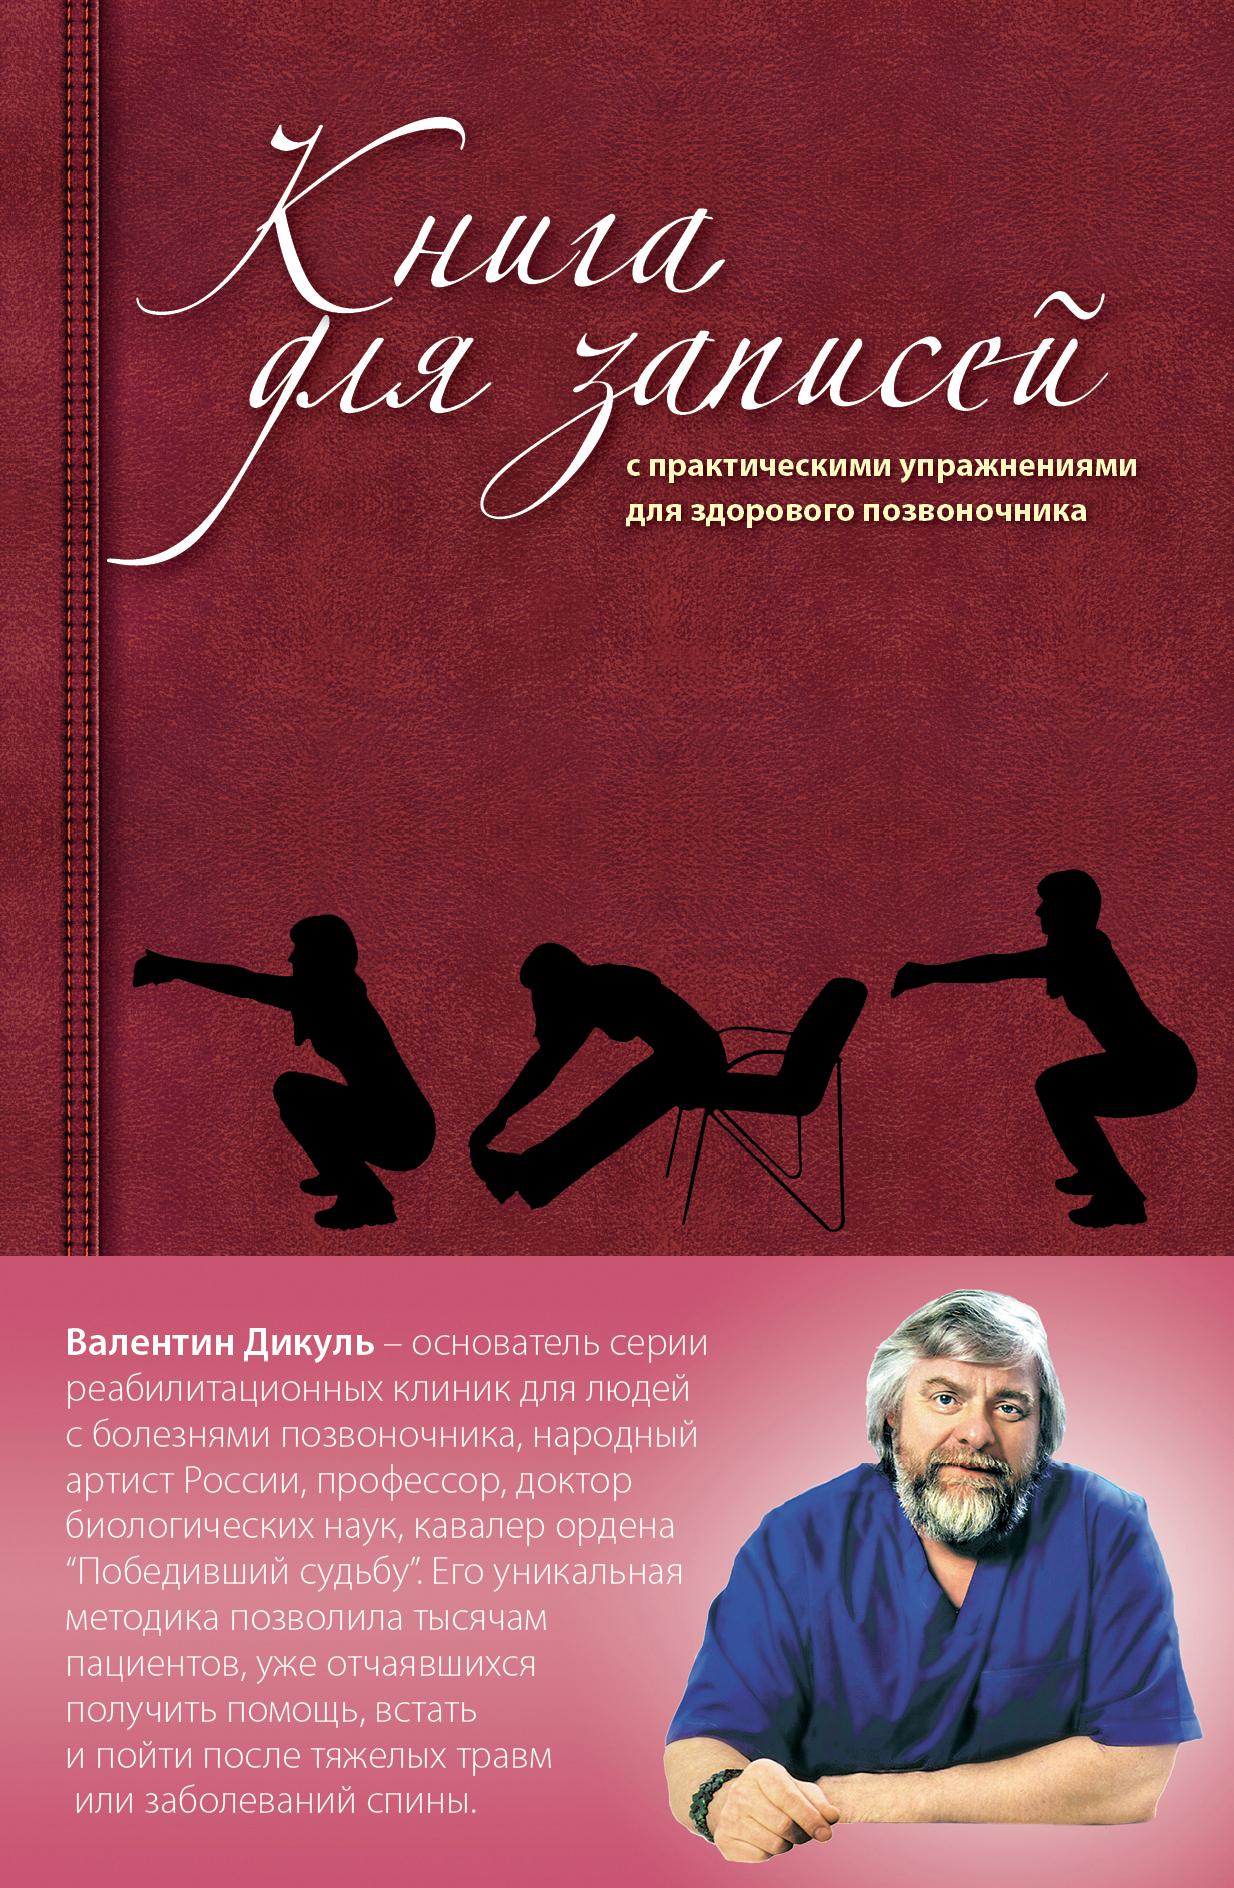 Дикуль В.И. Книга для записей с практическими упражнениями для здорового позвоночника (оформление 2) книга для записей с практическими упражнениями для здорового позвоночника